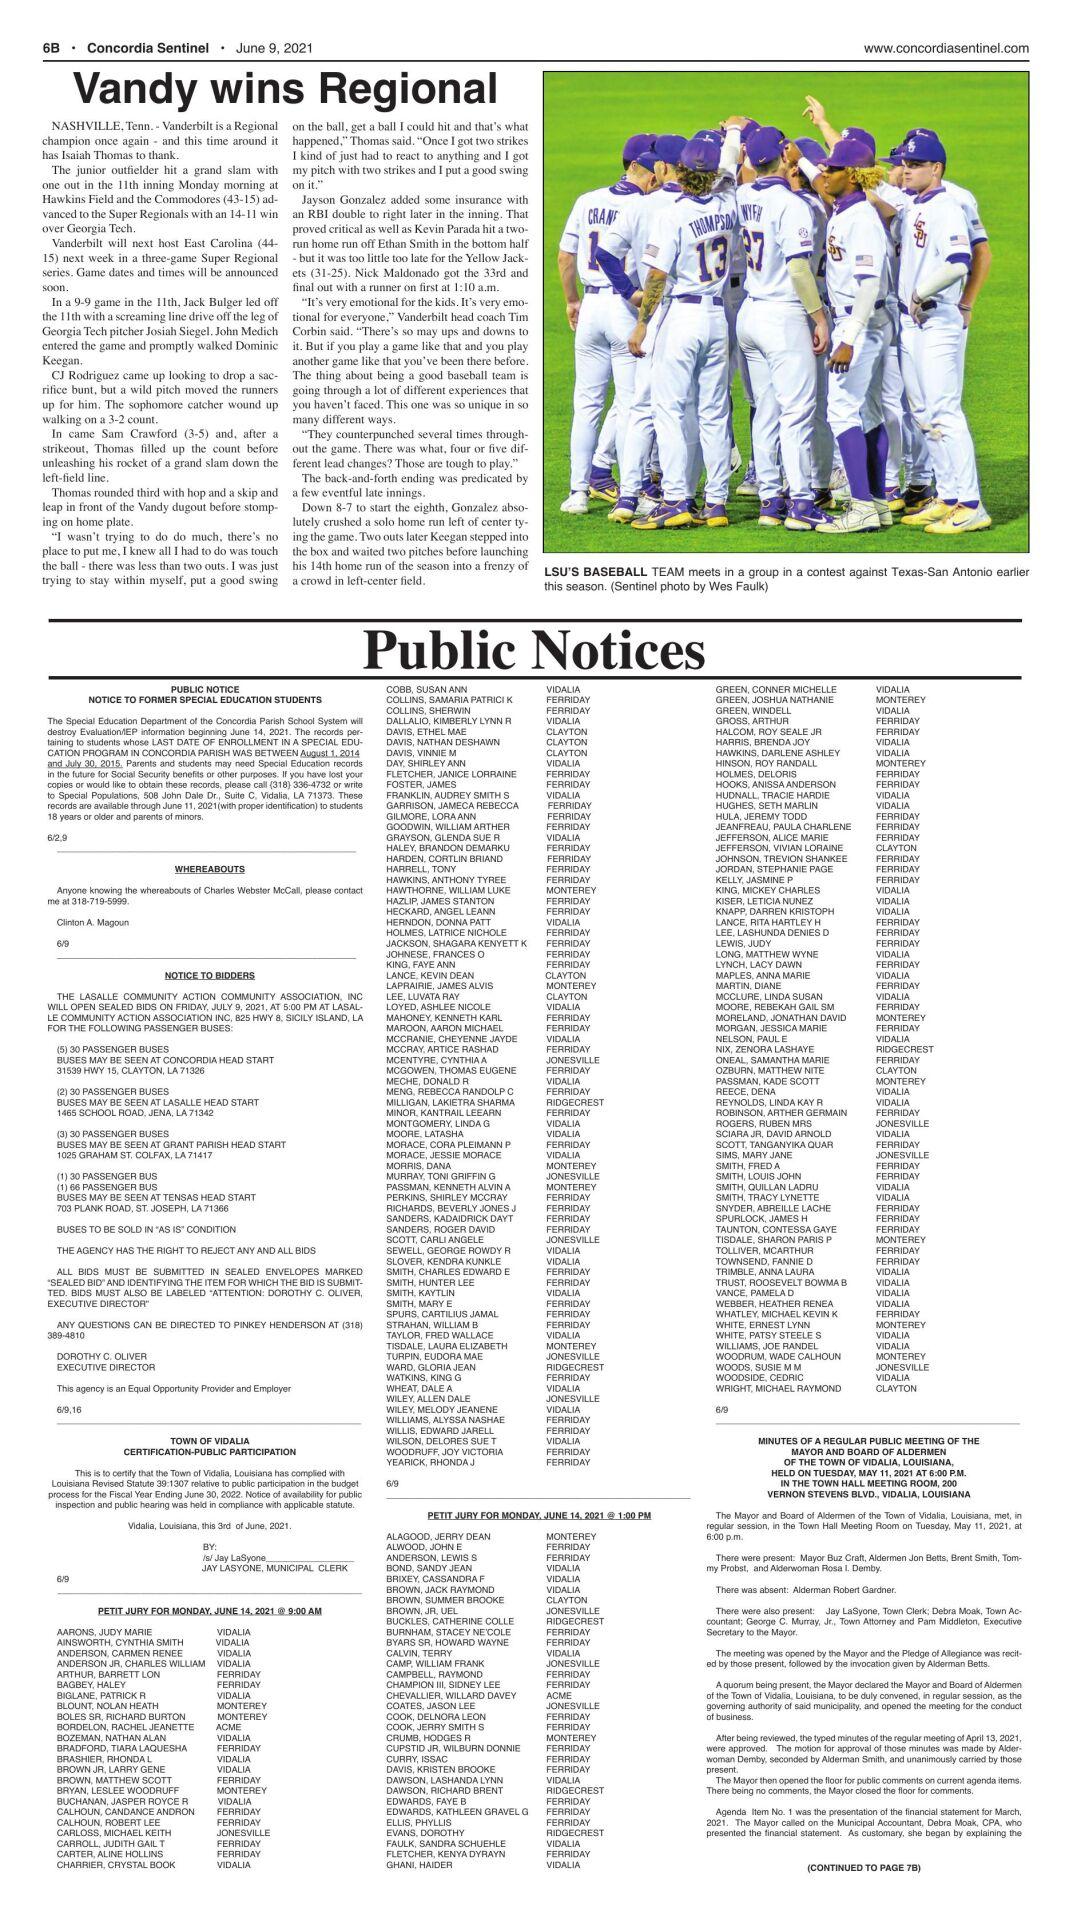 Public Notices - June 9, 2021